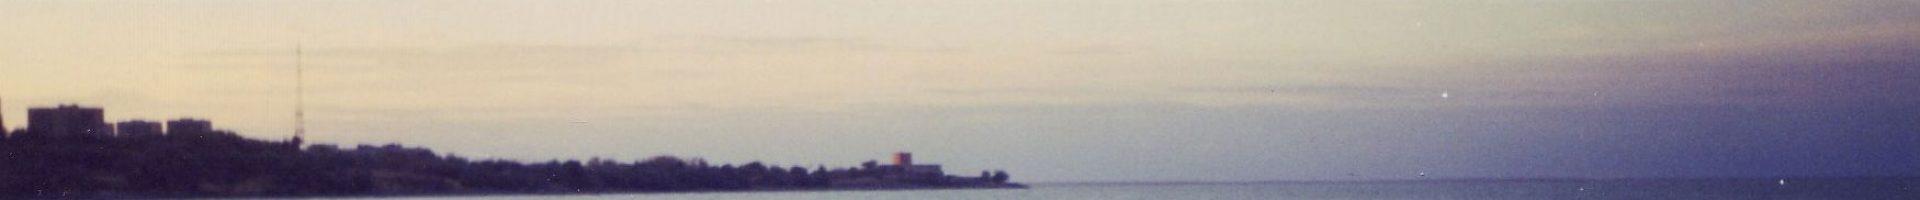 Приозёрск. Город на берегу Балхаша